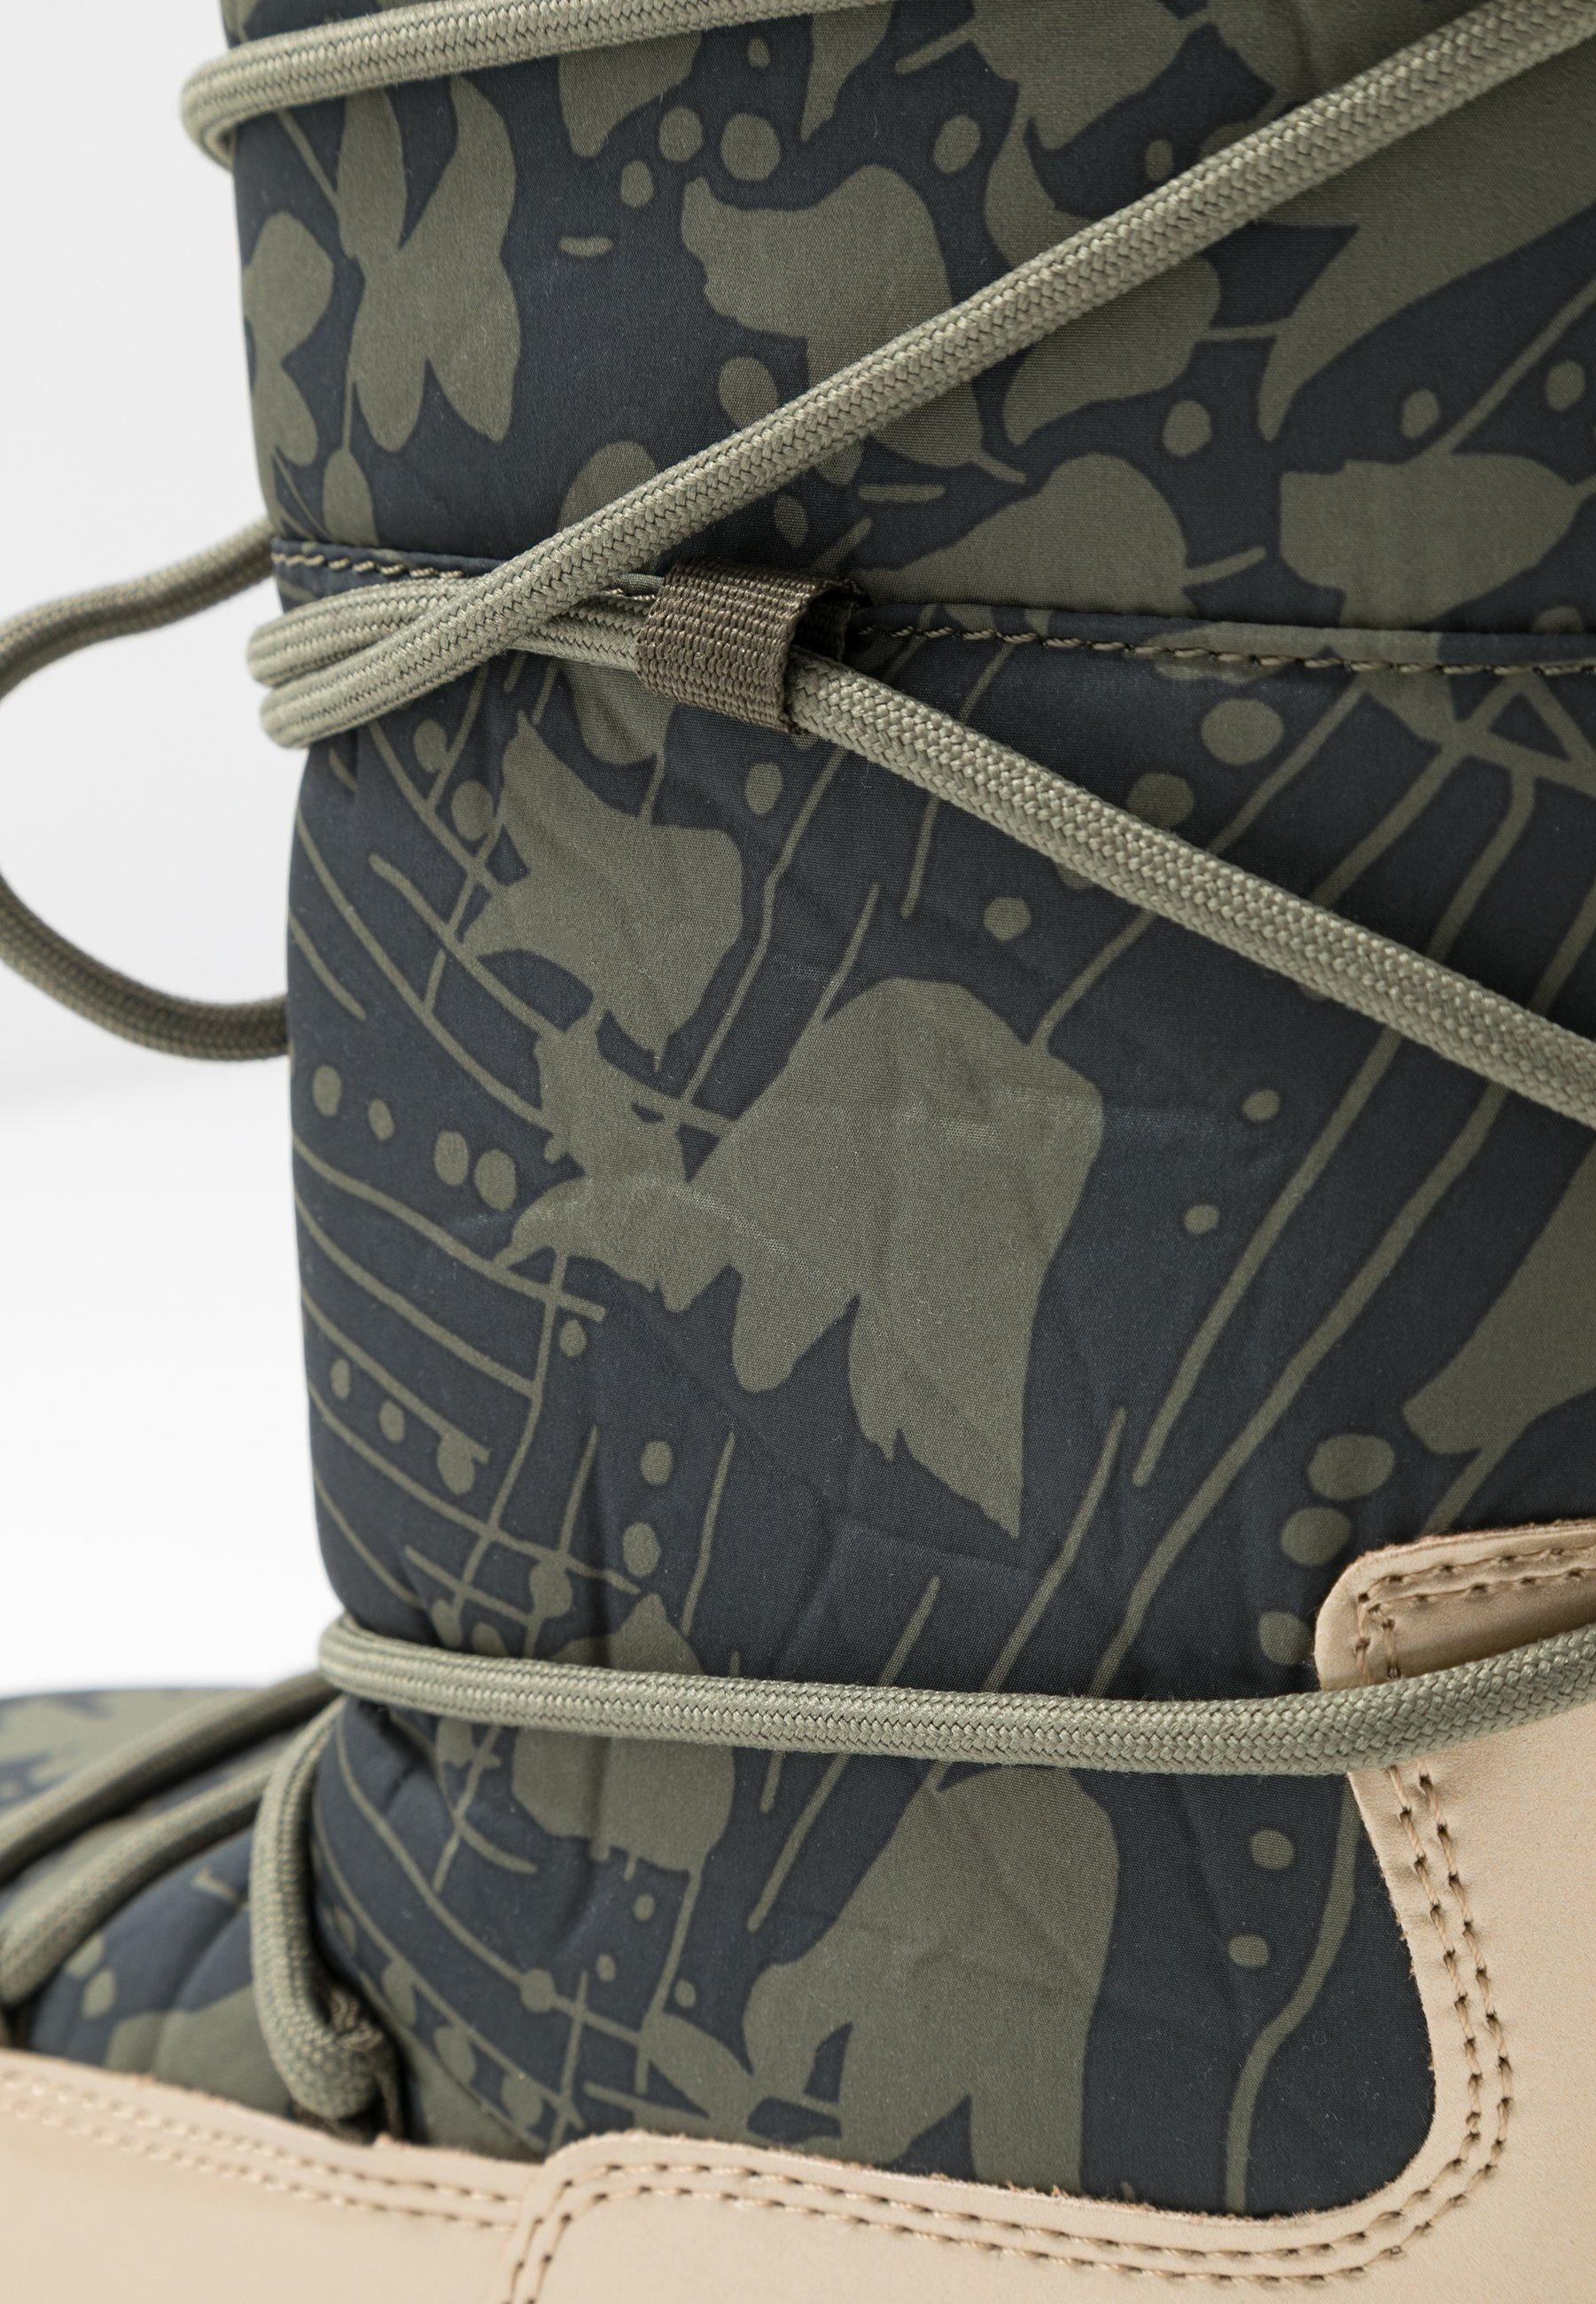 Ilse Jacobsen MOON 9075 - Bottes de neige - army - Bottes femme OffreBoutique